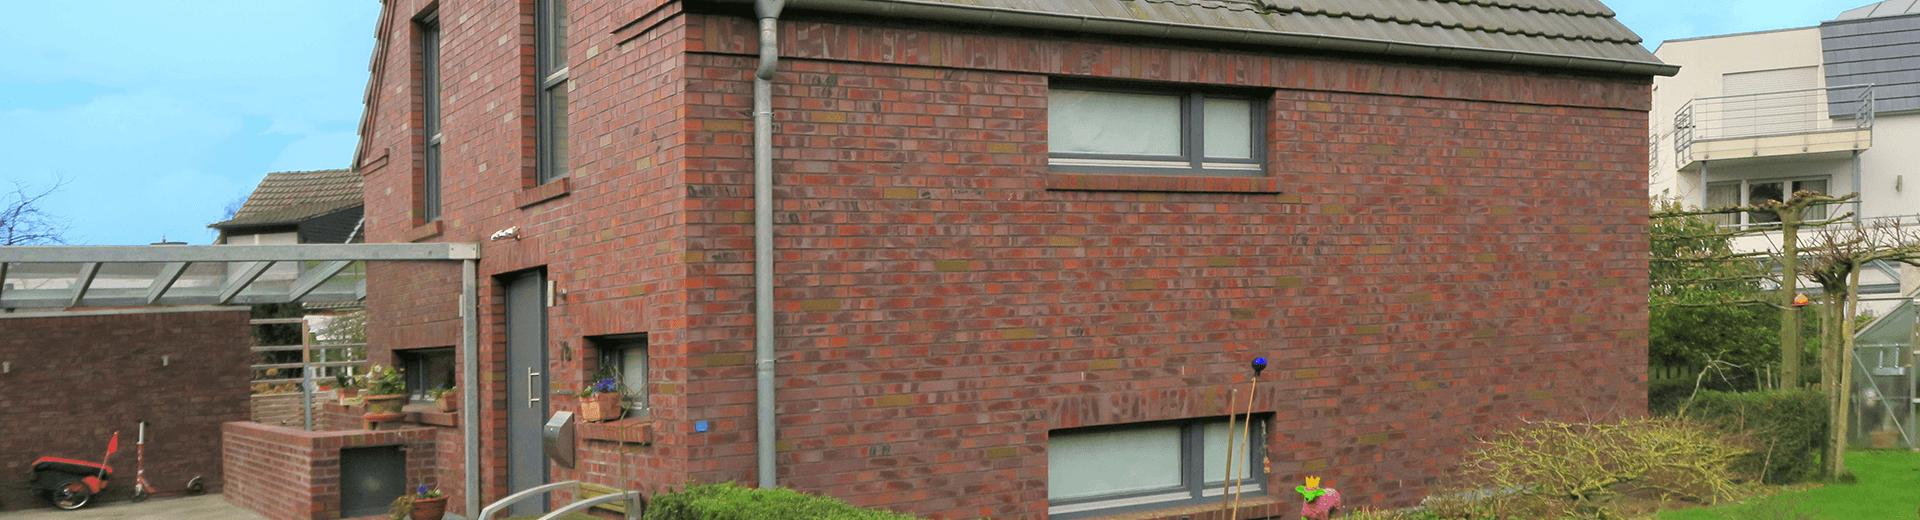 Wohnhaus mit Brennstoffzellenheizung Emsdetten